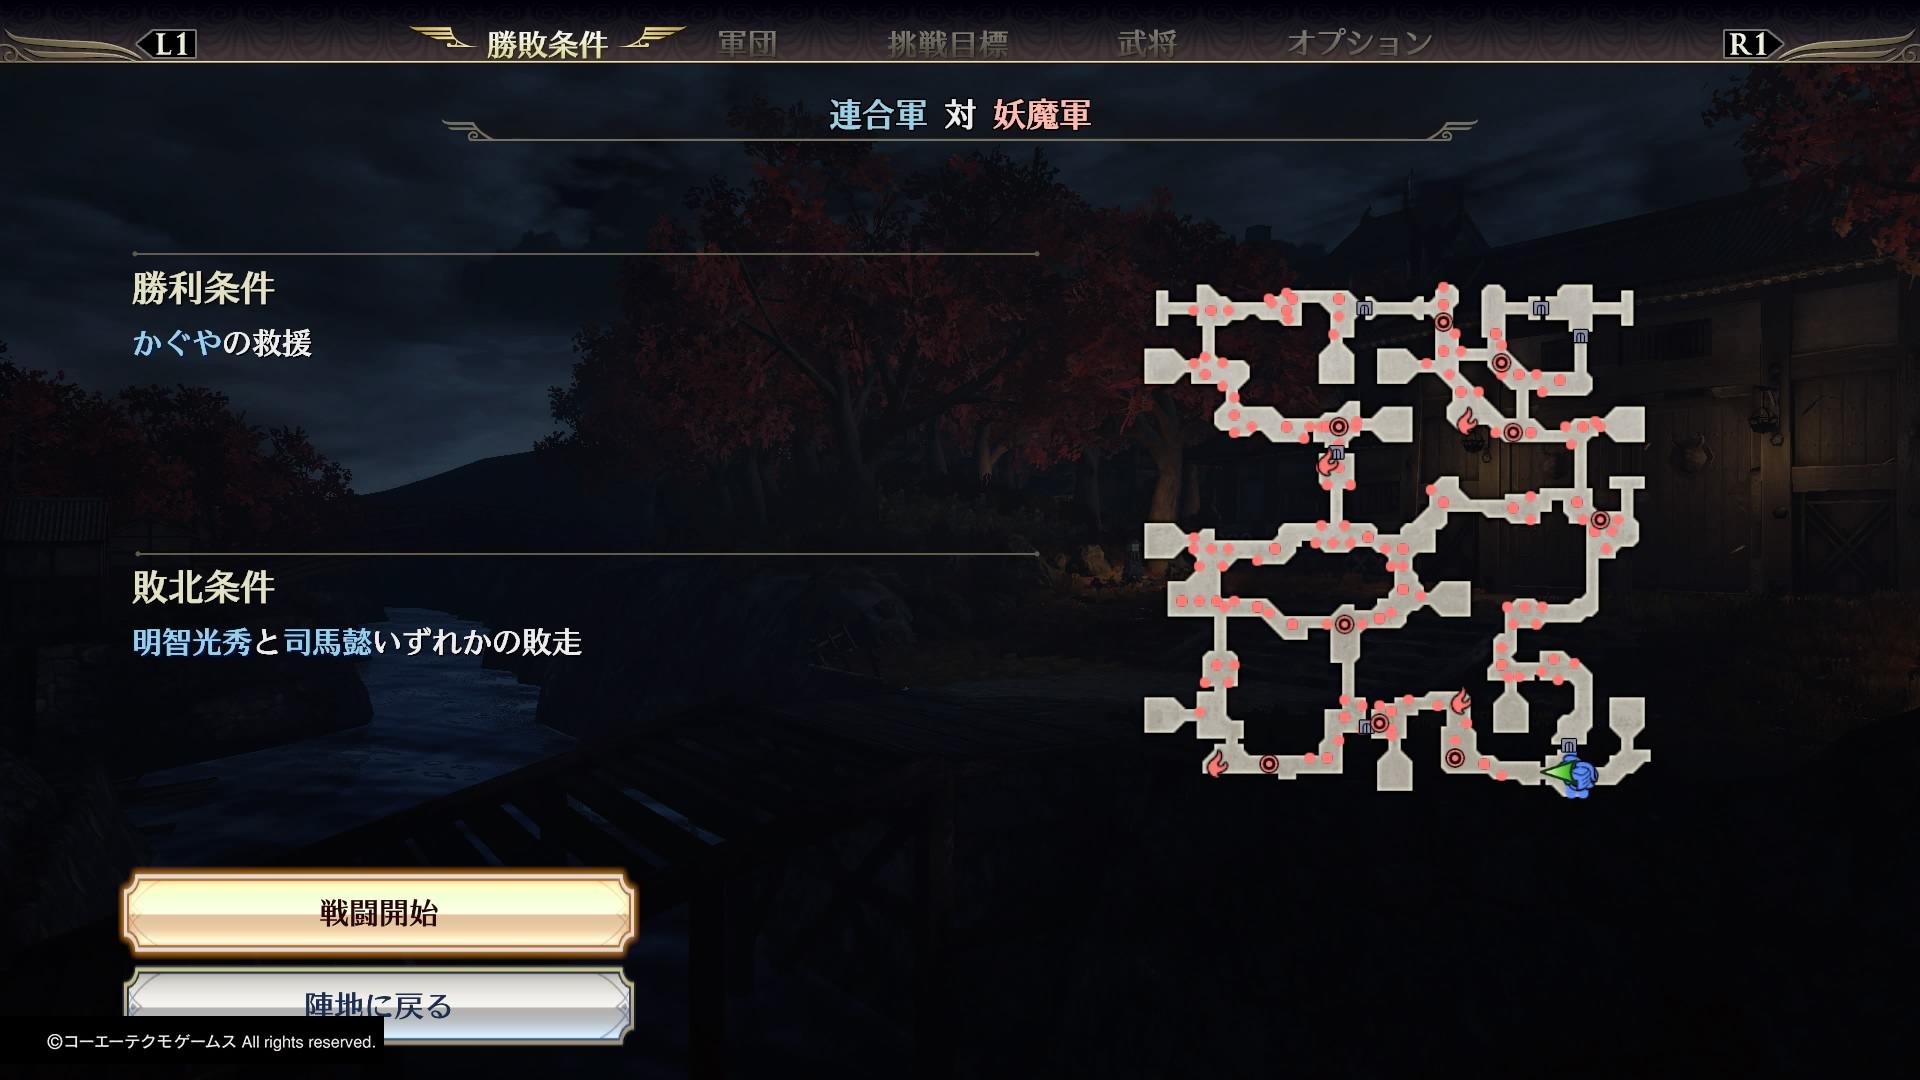 無双オロチ3 ストーリー攻略 第4章 仙姫救援戦